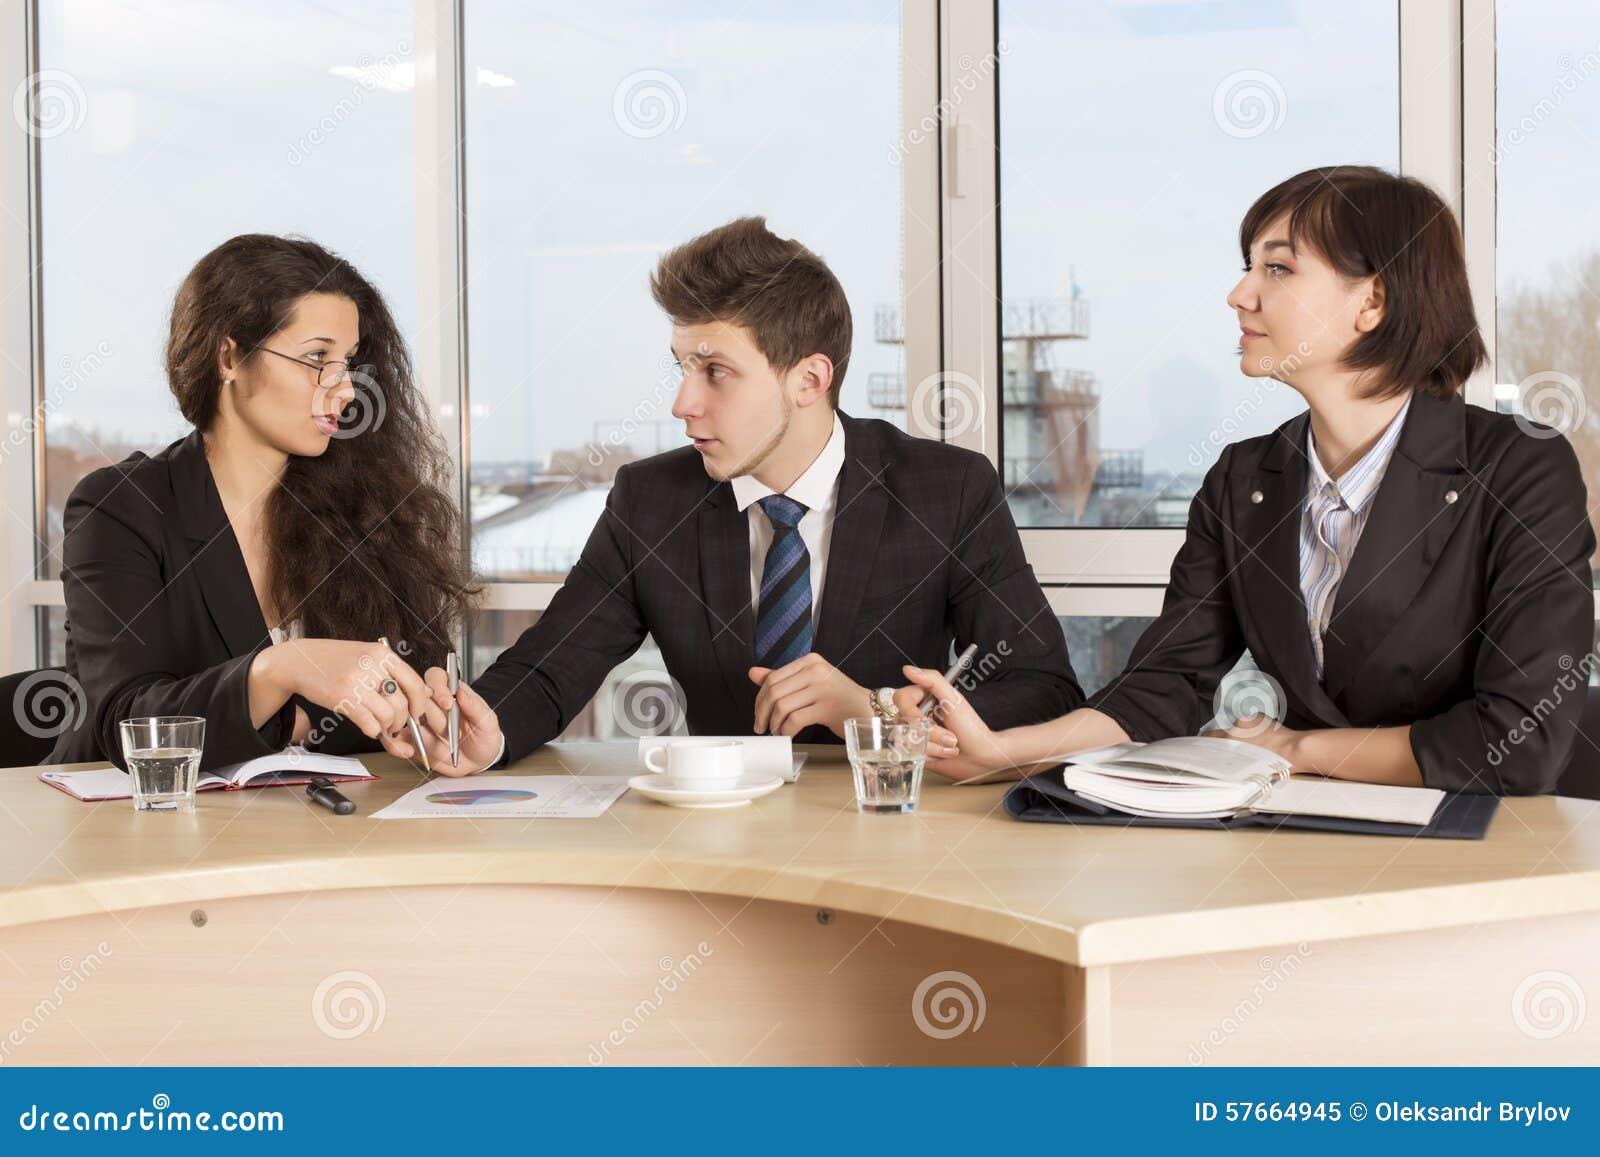 Discusión caliente sobre el impacto financiero del